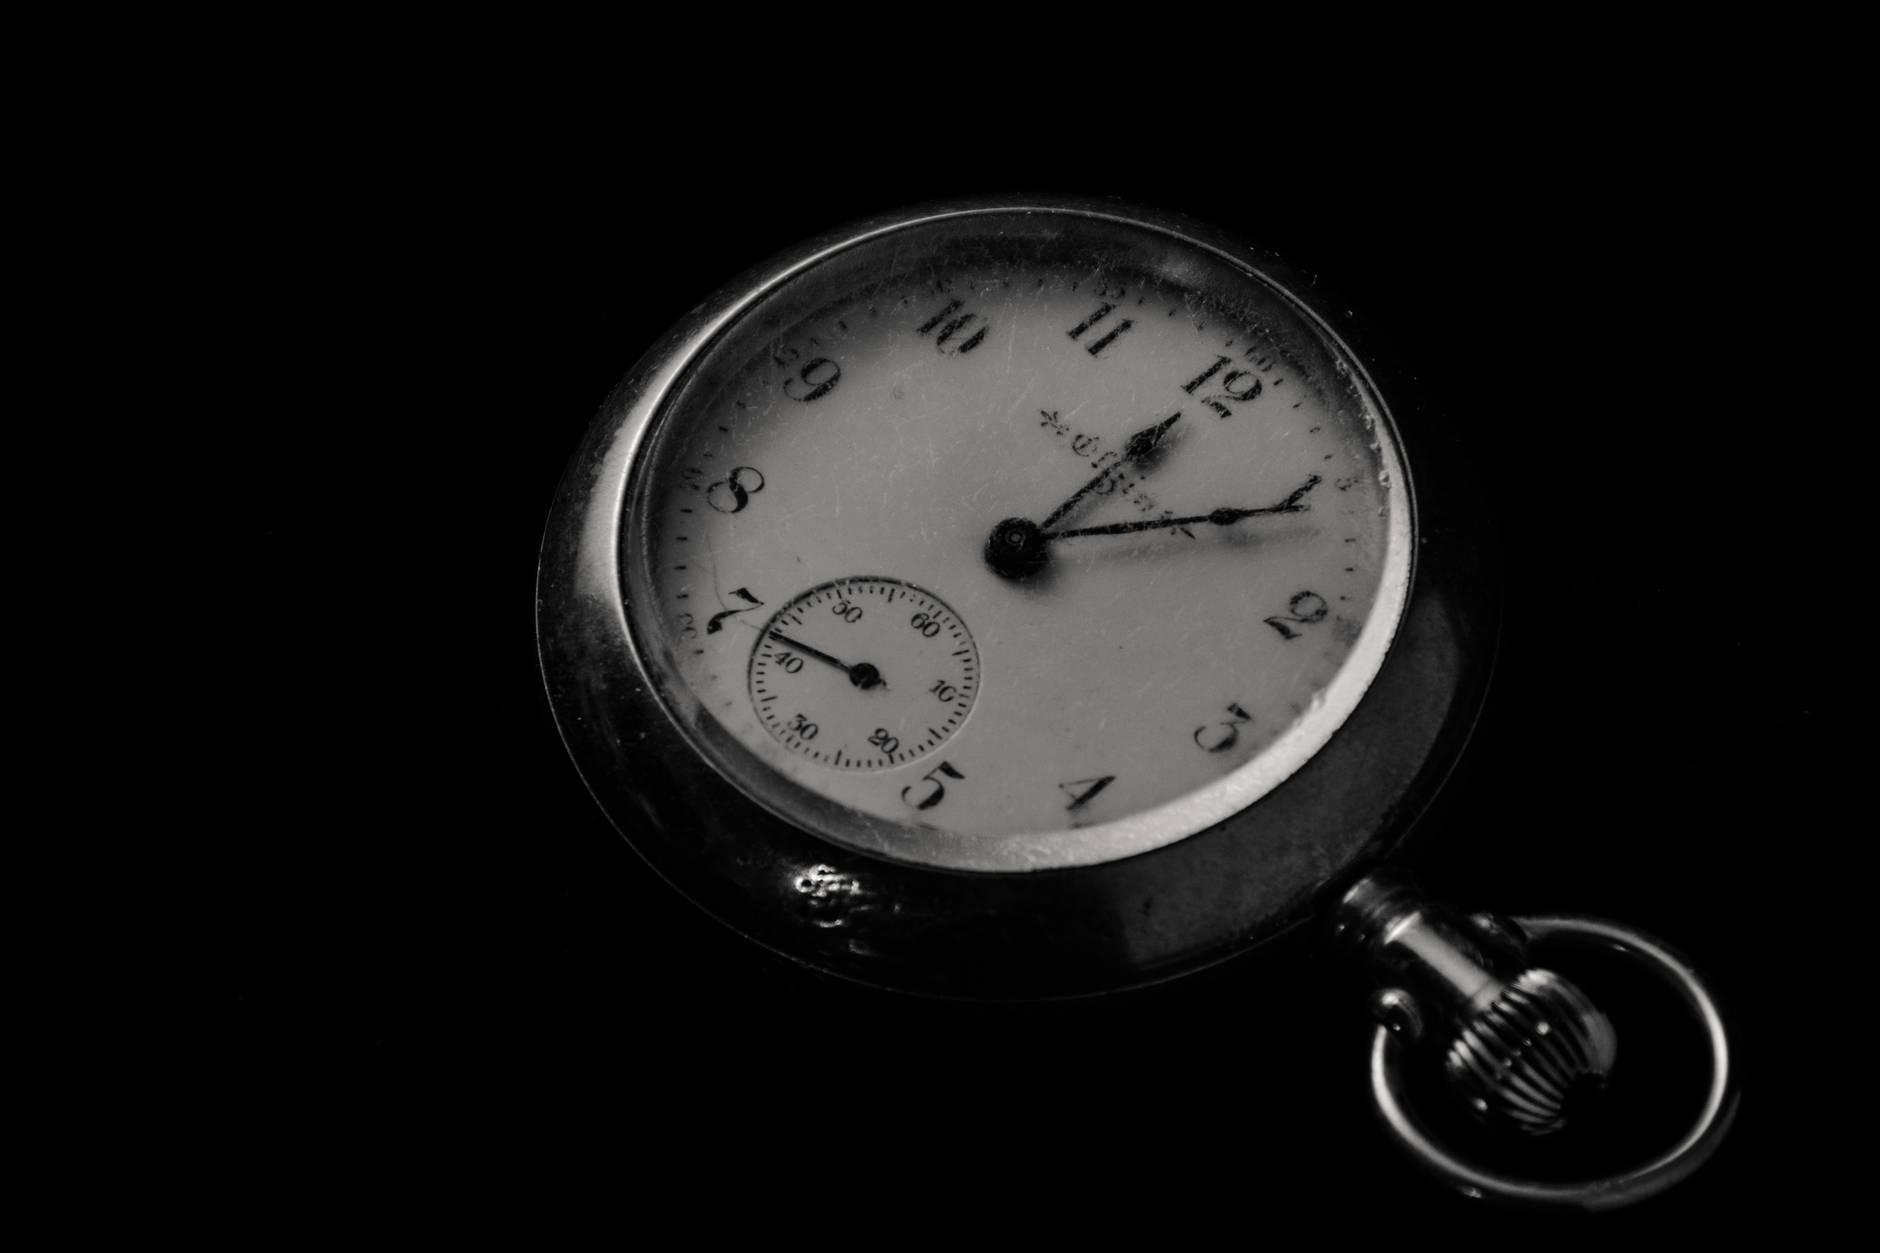 Foto de um relógio de bolso marcando meia-noite, seis minutos e quarenta e dois segundos. Fim da descrição.